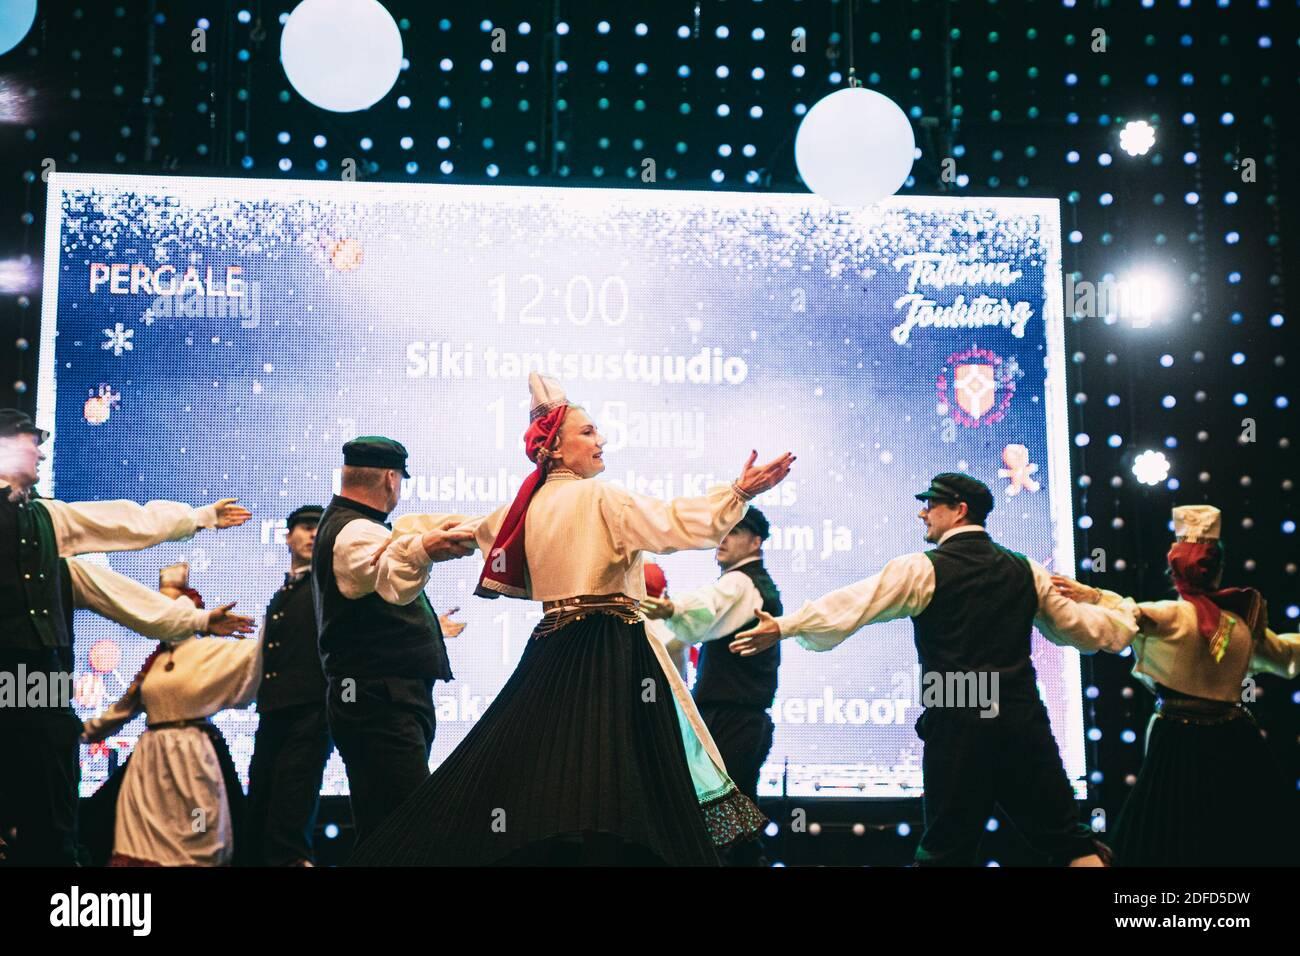 Tallinn, Estonie. Danseurs en costumes nationaux effectuant des danses folkloriques pendant la fête traditionnelle des fêtes de Noël. Banque D'Images